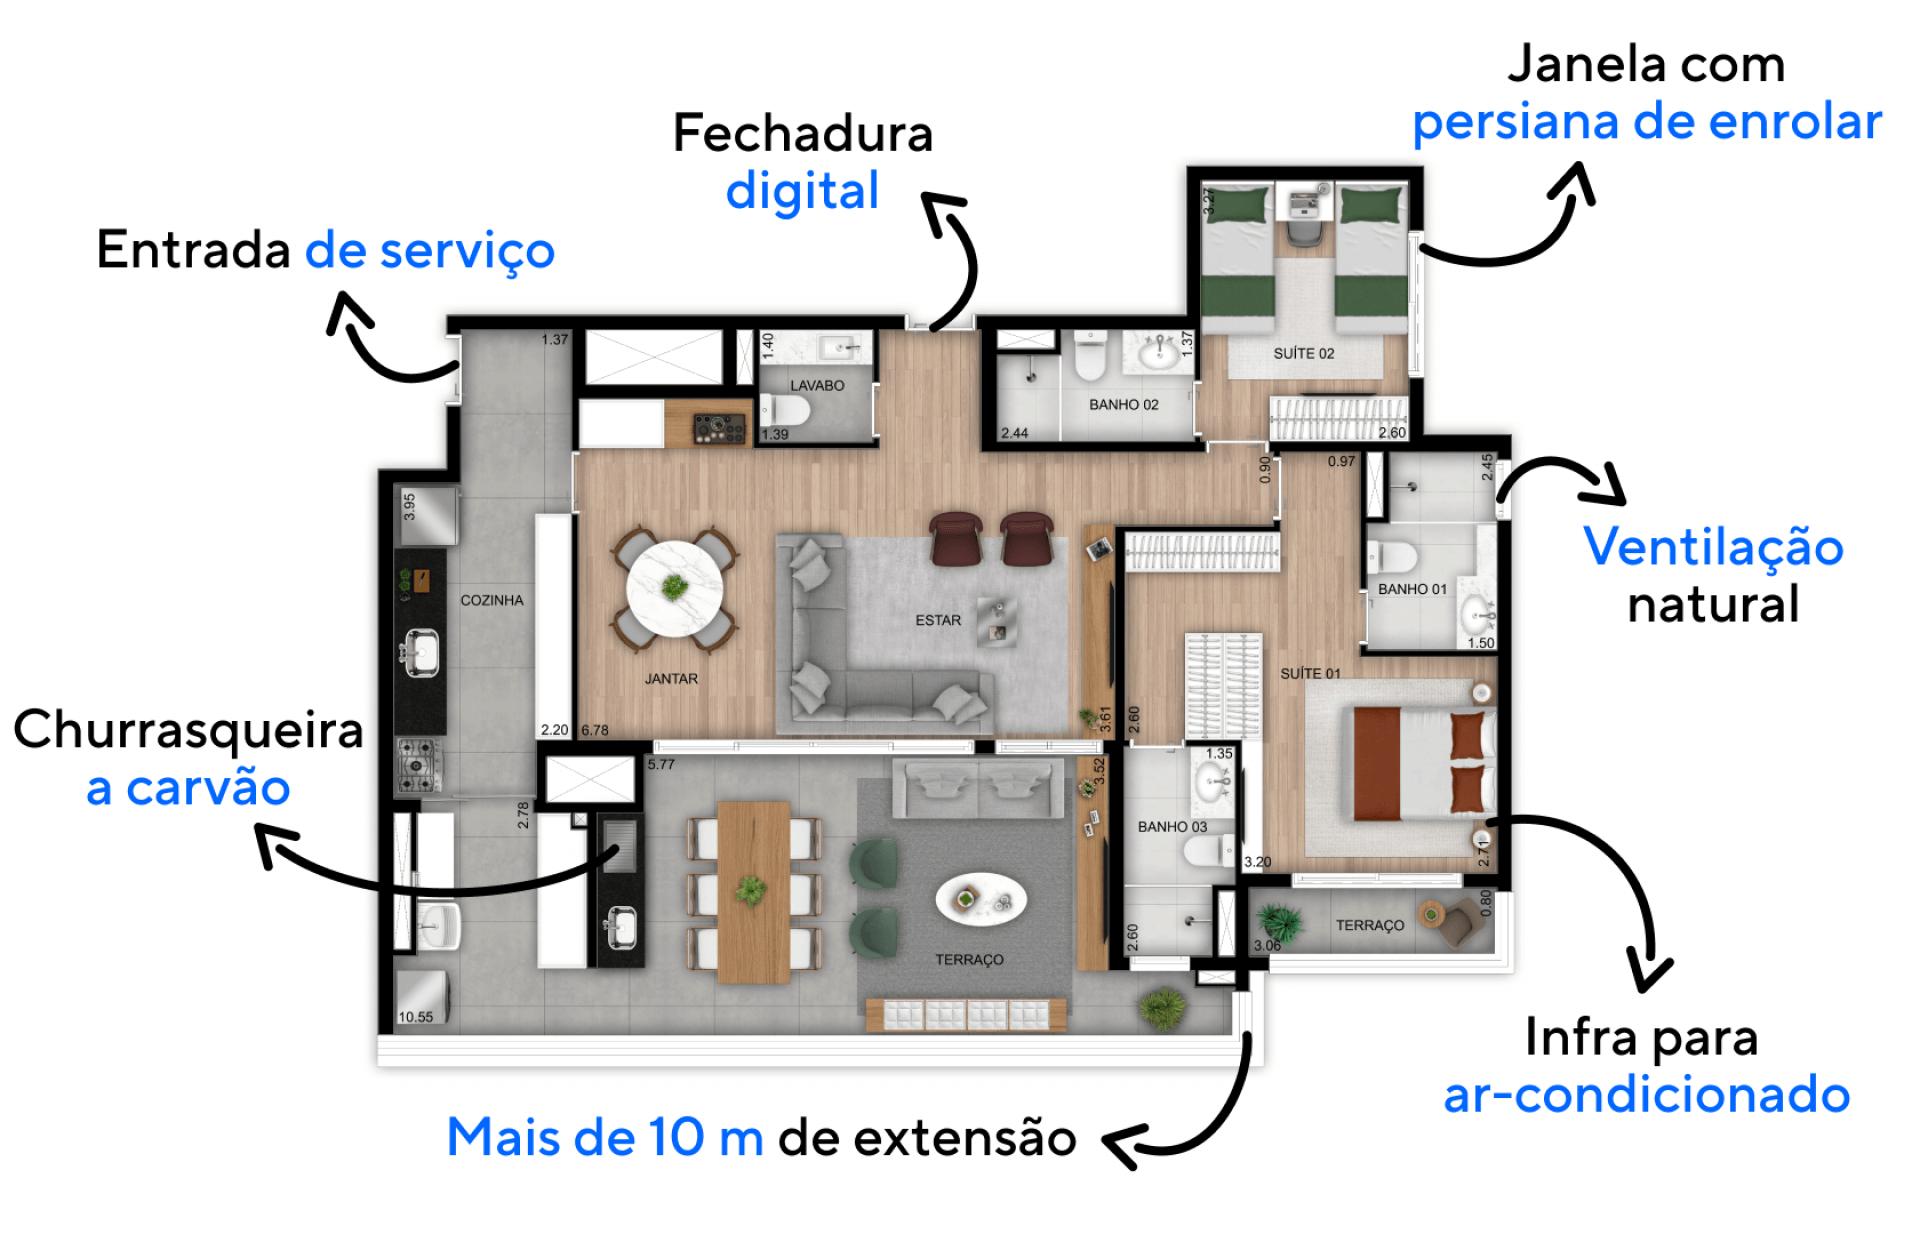 128 M² - 2 SUÍTES. Apartamentos com boa setorização entre áreas sociais e espaços íntimos, proporcionando maior privacidade quando necessário. Destaque para suíte master com espaço para closet, banheiro Sr. e Sra. e terraço íntimo.